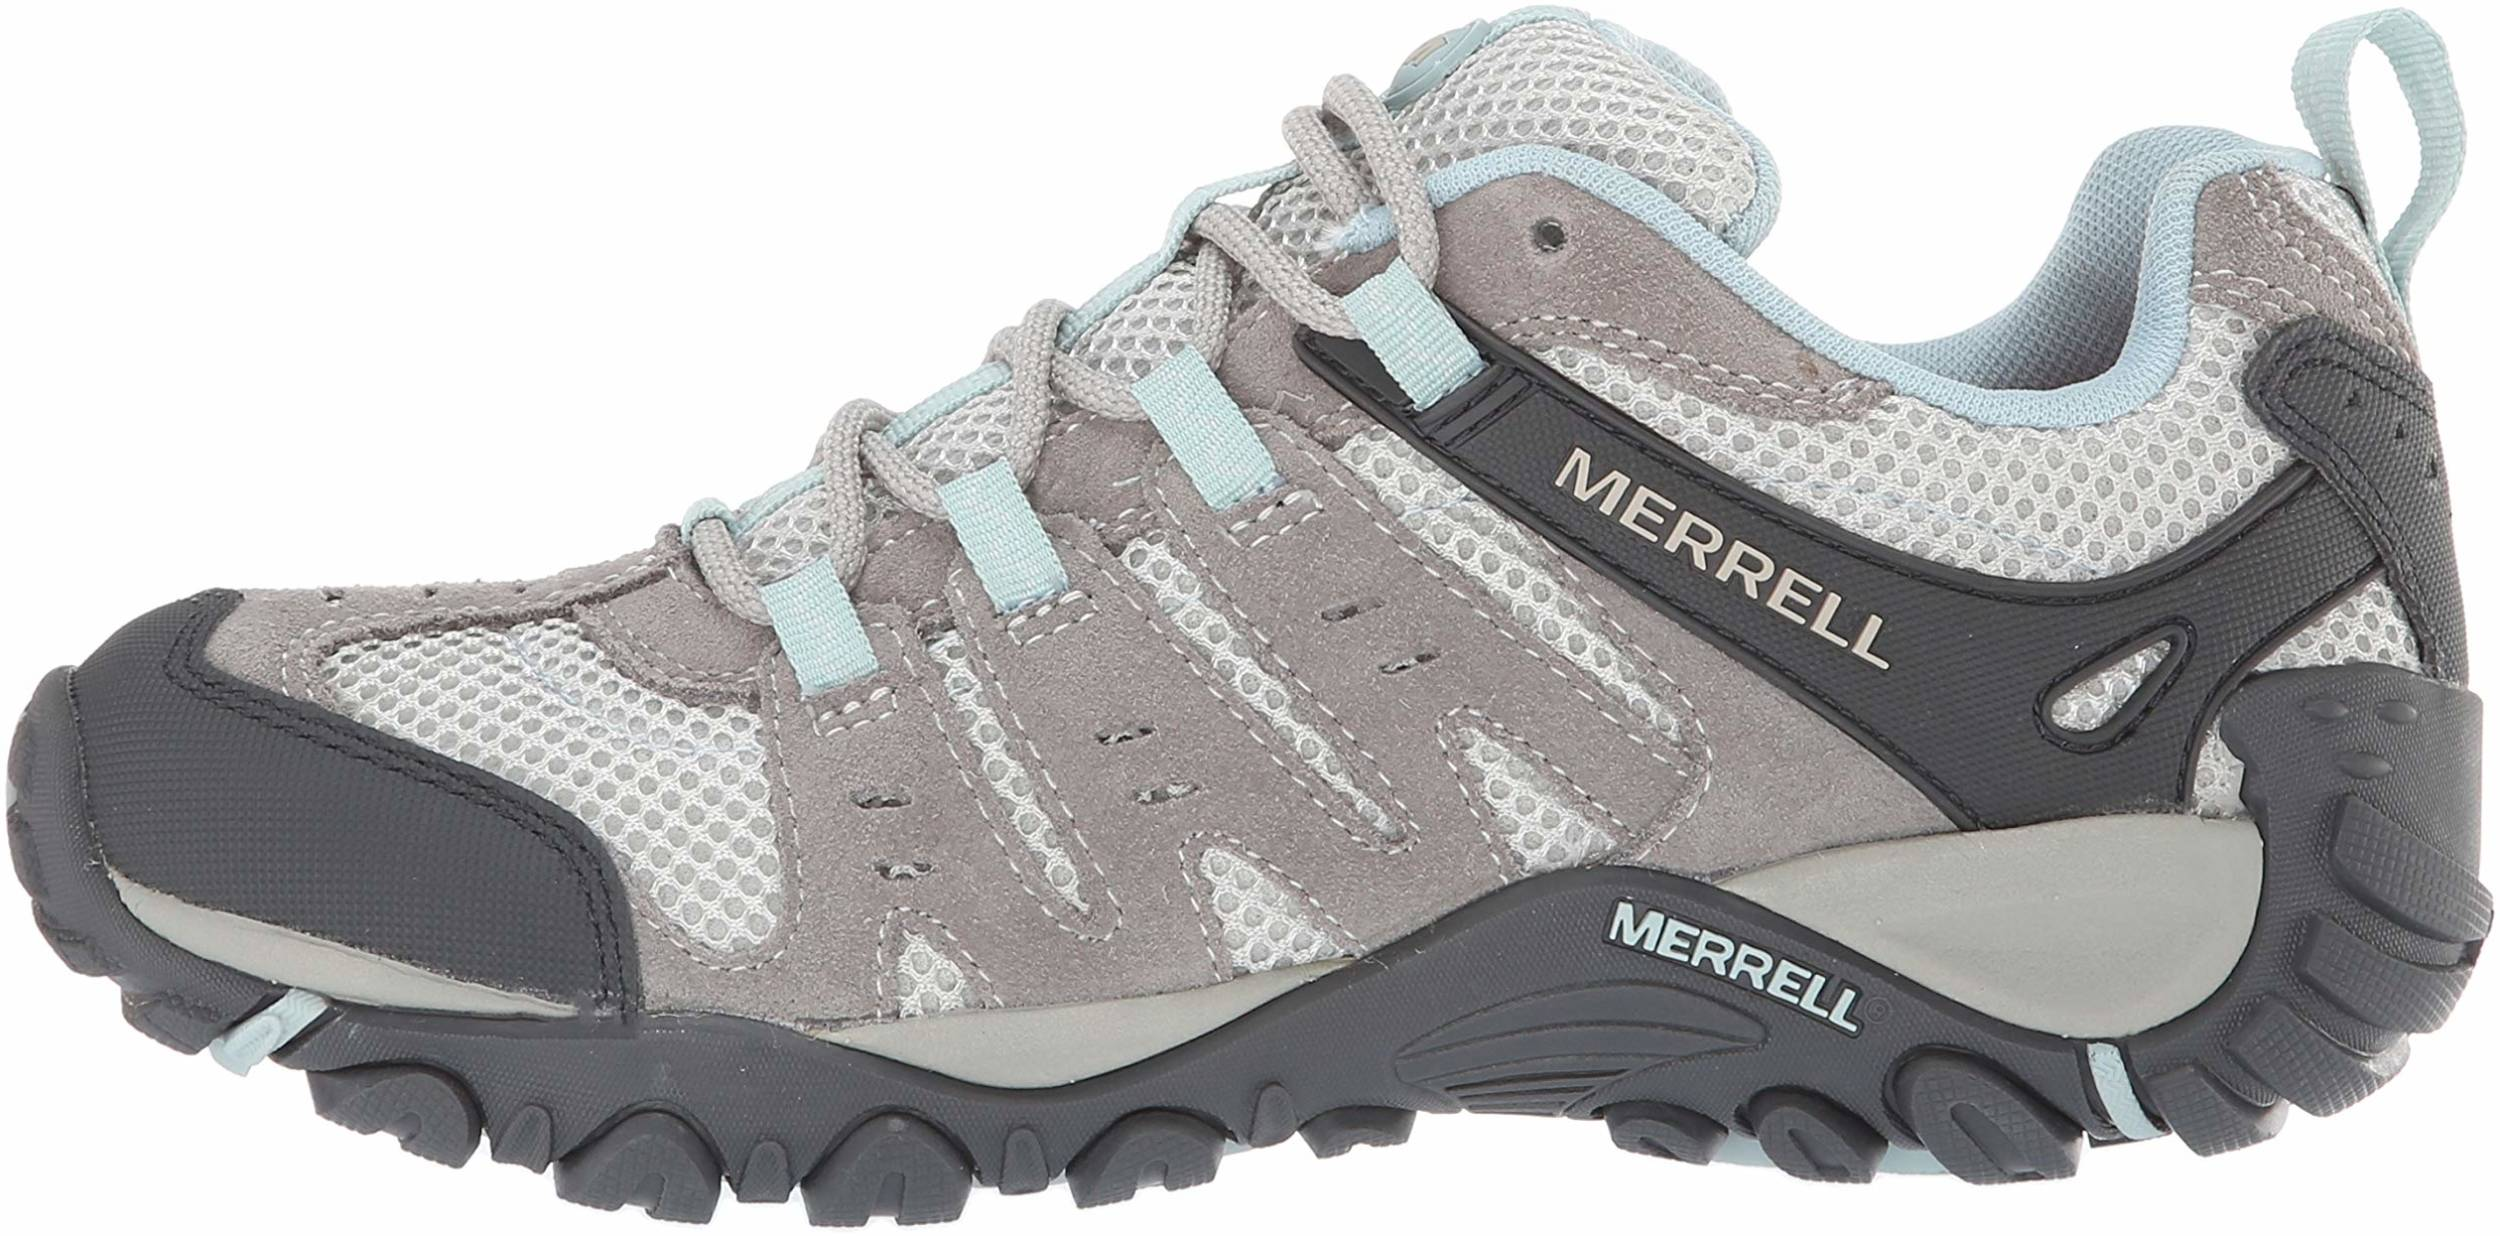 Merrell Accentor